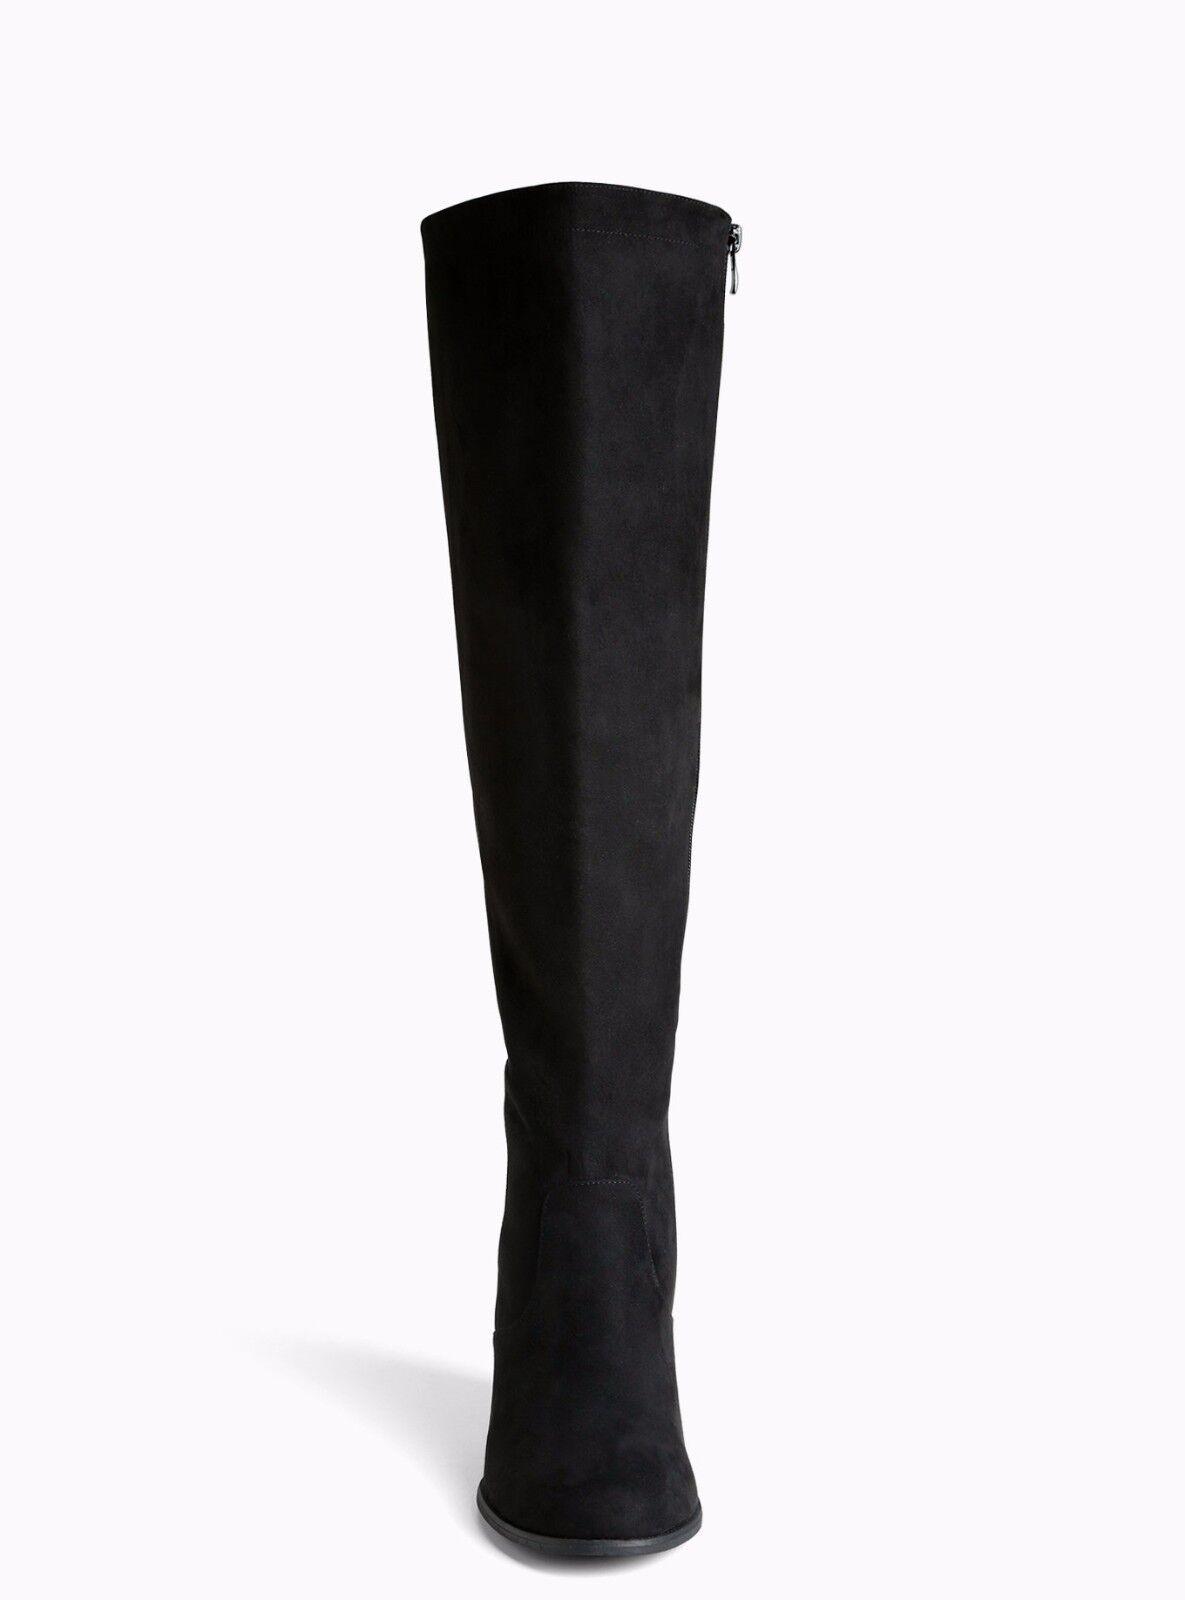 la dentelle de retour contre torrides bottes aux genoux les grandes grandes les largeurs & veau noir 11,5 b61105